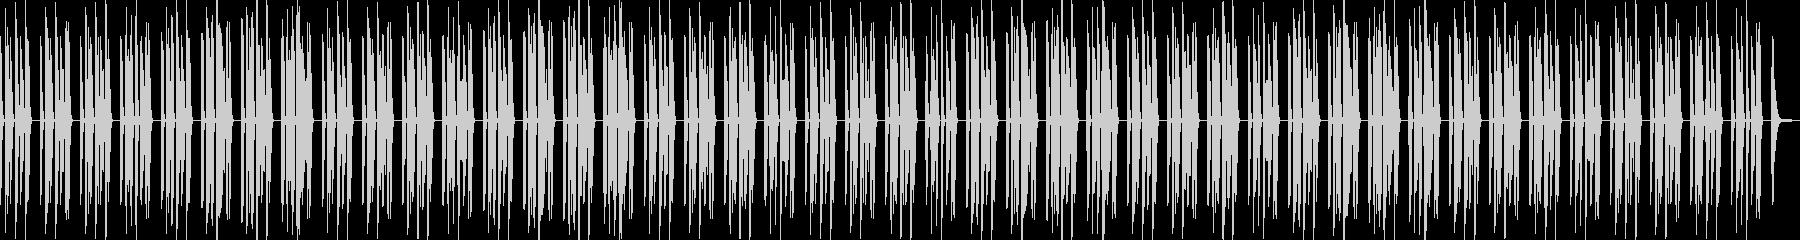 ほのぼの・コミカル・ゆるい・日常の未再生の波形